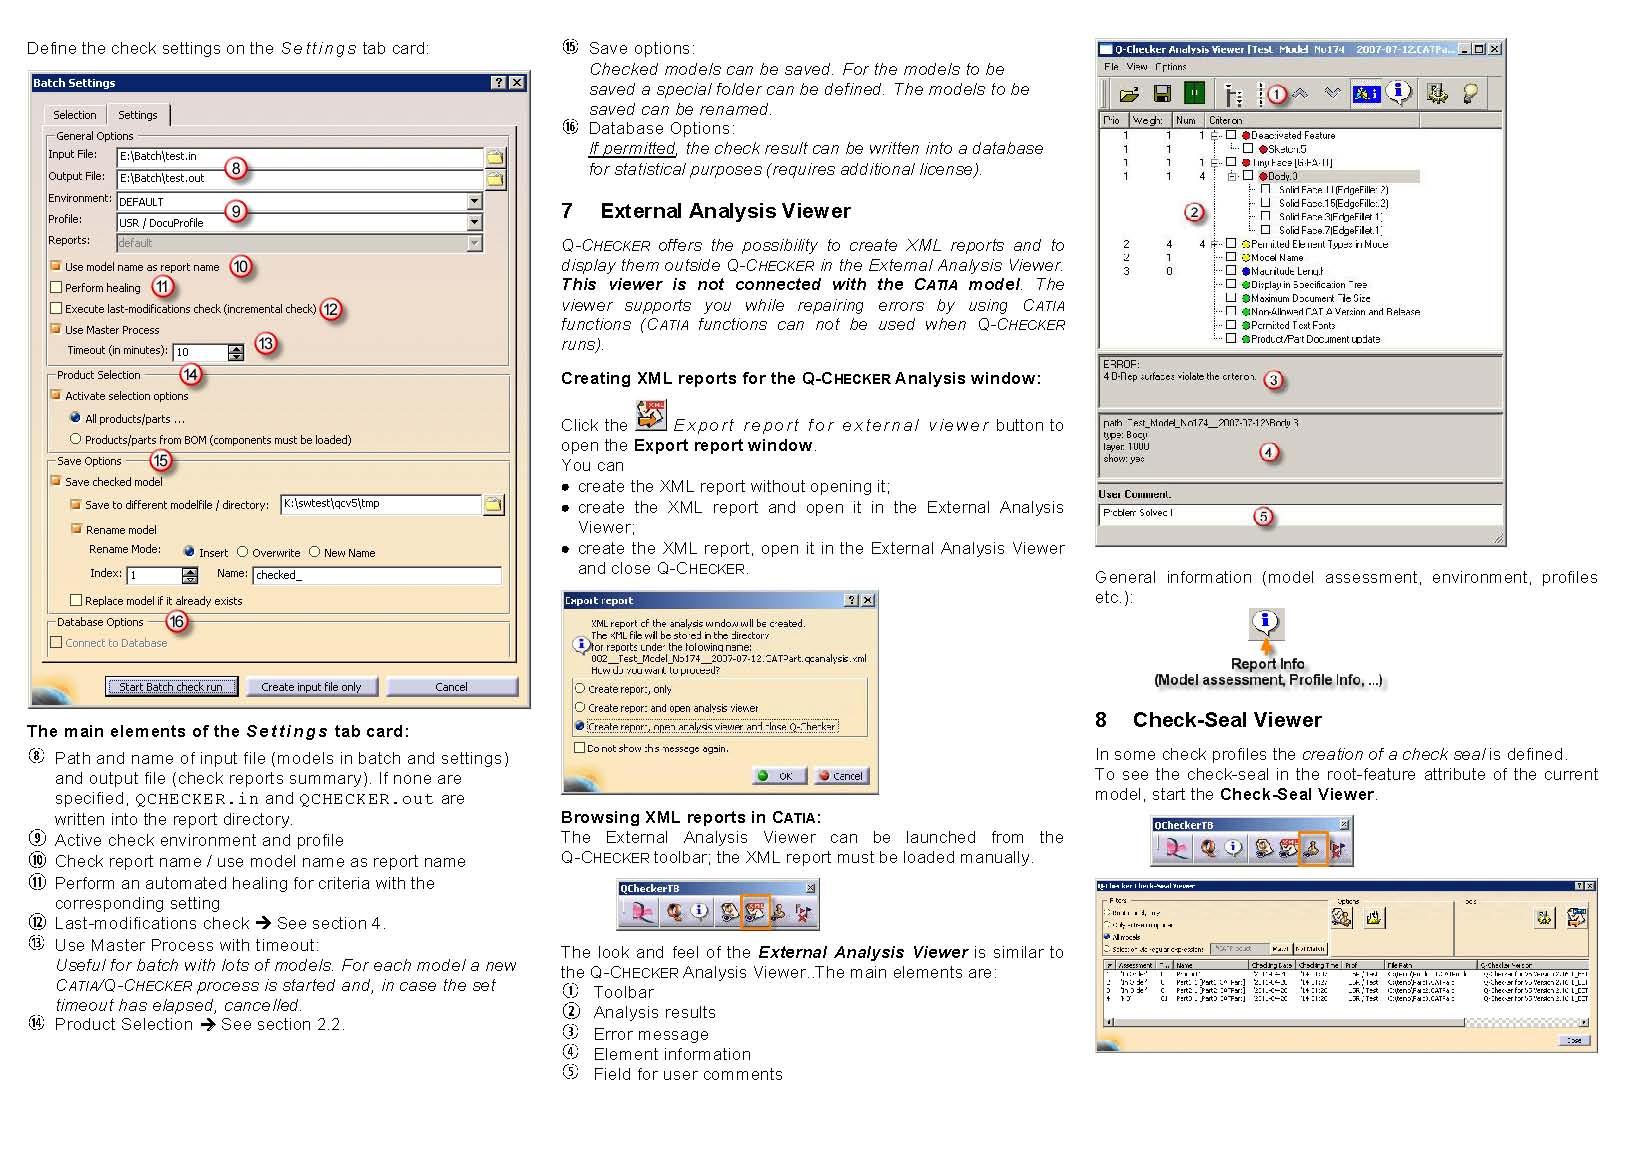 manual_Seite_4.jpg